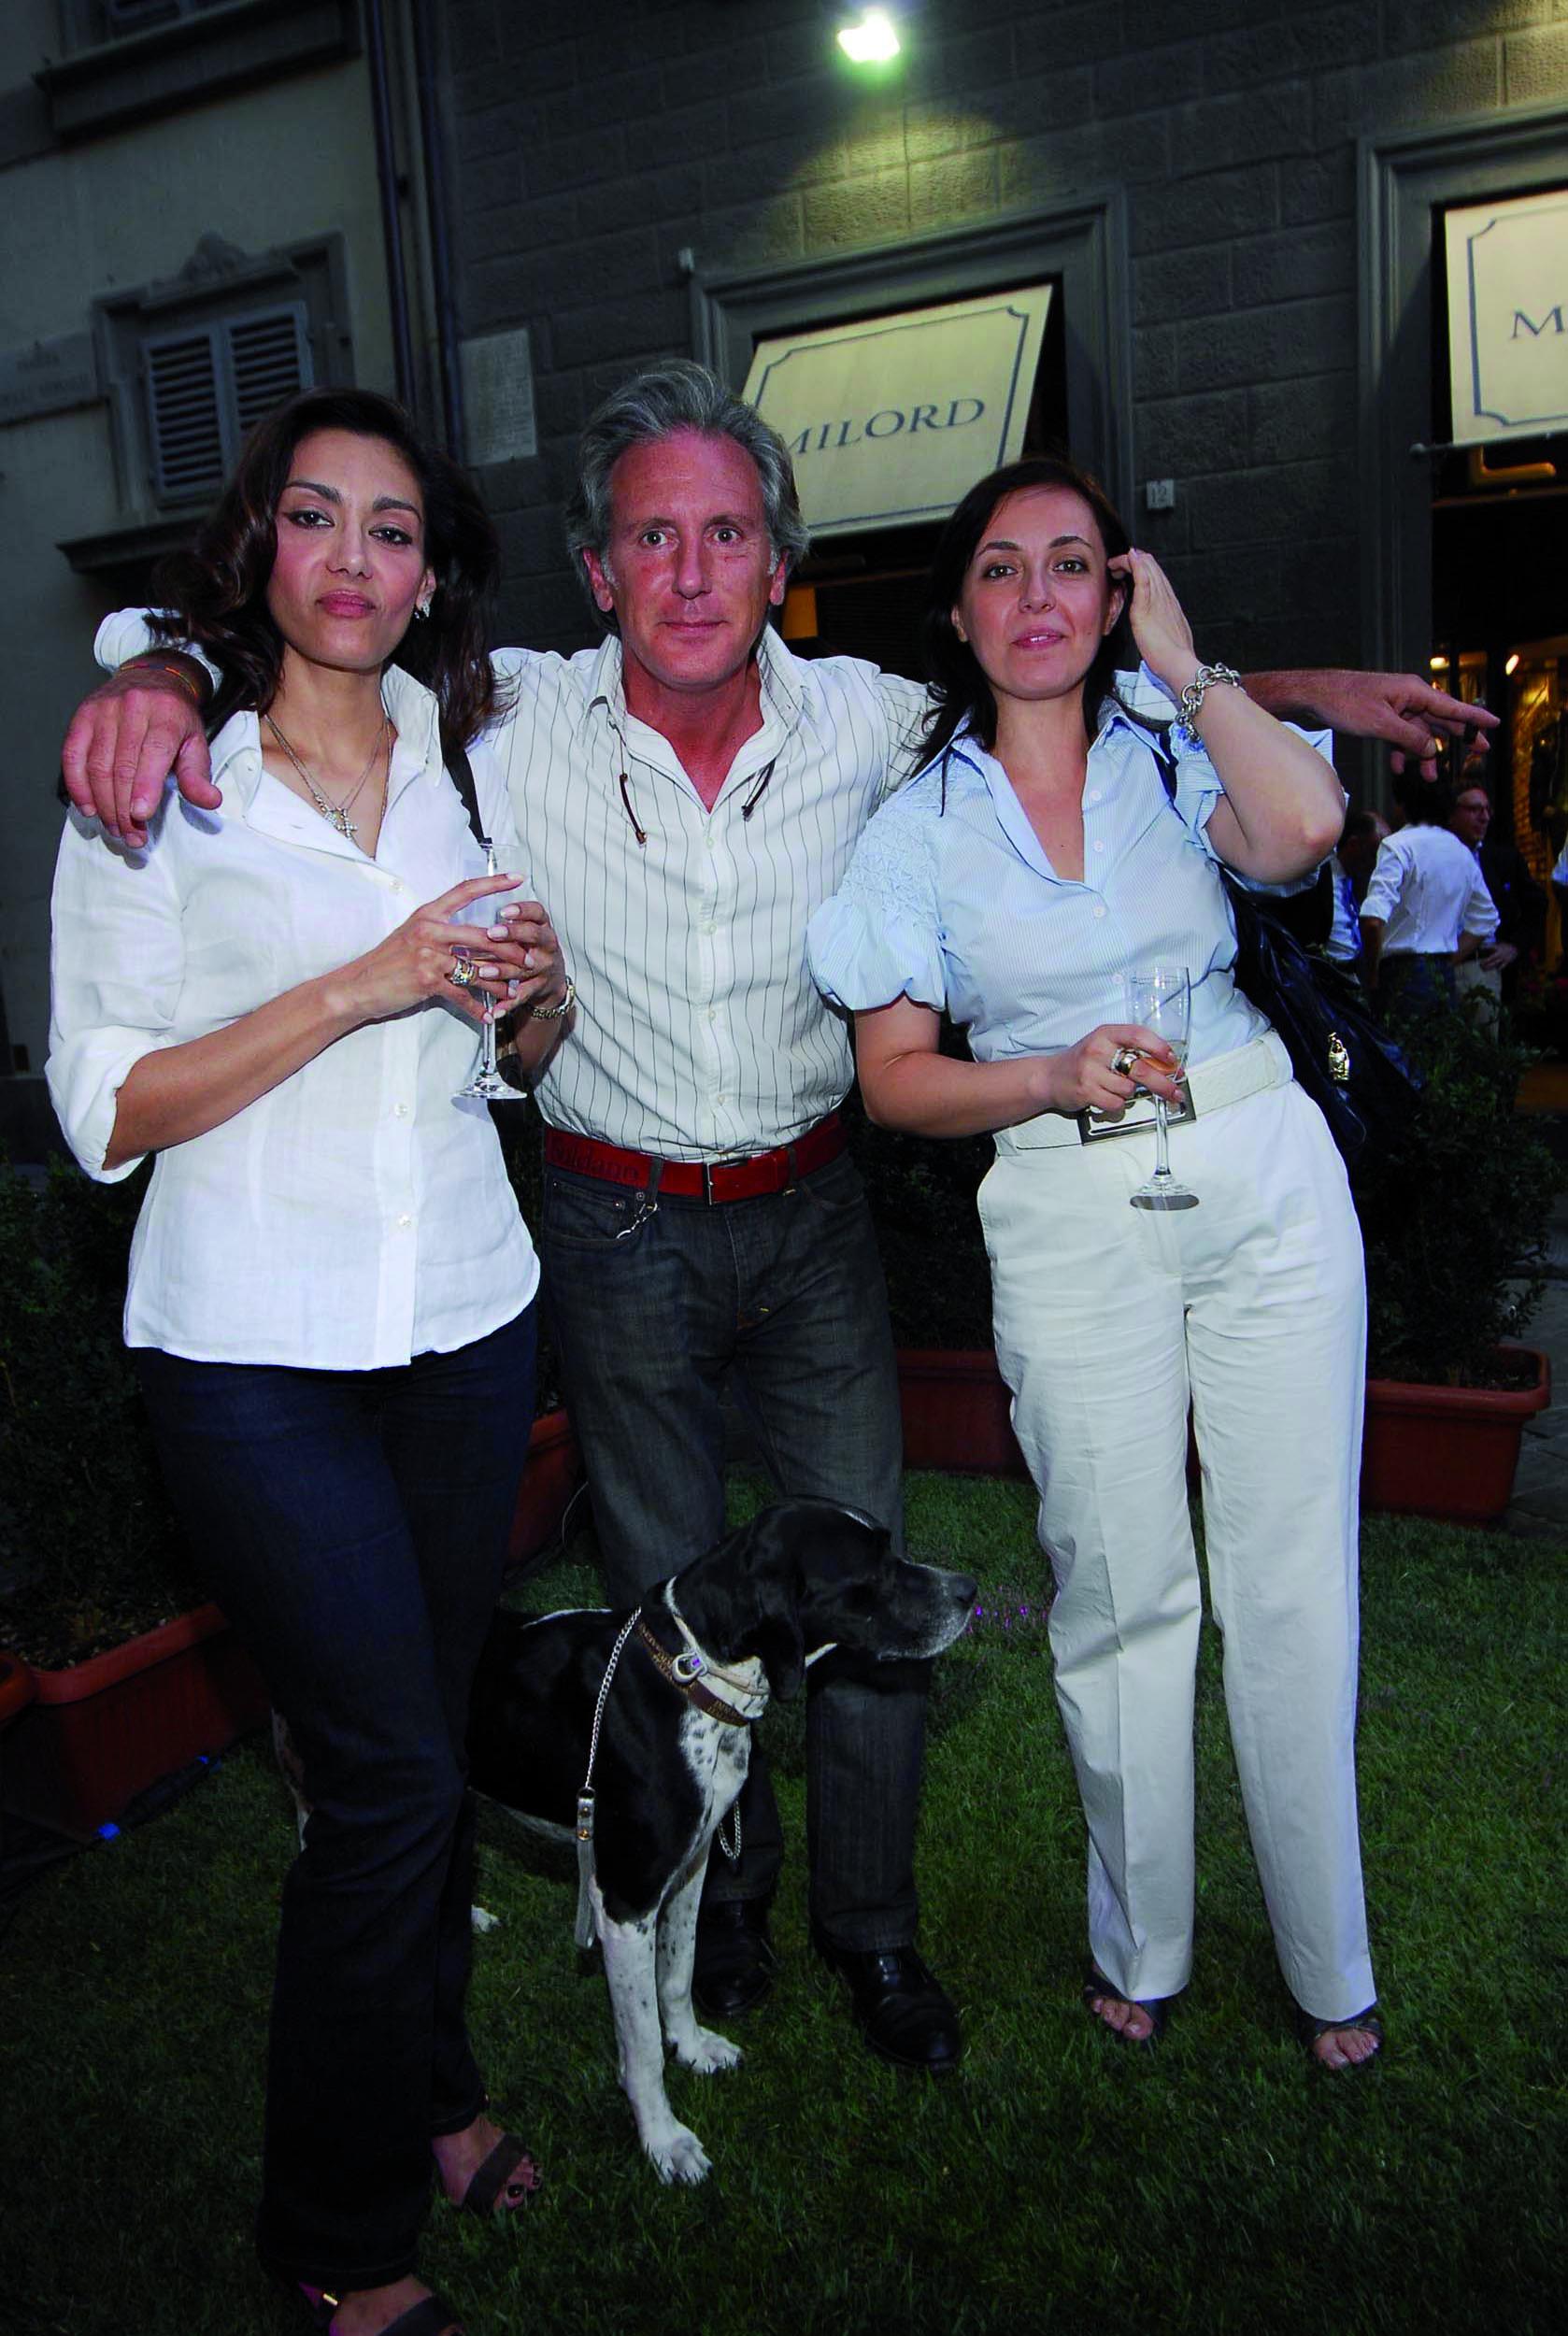 PRESSPHOTO Firenze, Milord. In foto Luciana Fabiani, Gabriele Puccetti, Angela Delle Vergini e il cane Kyra